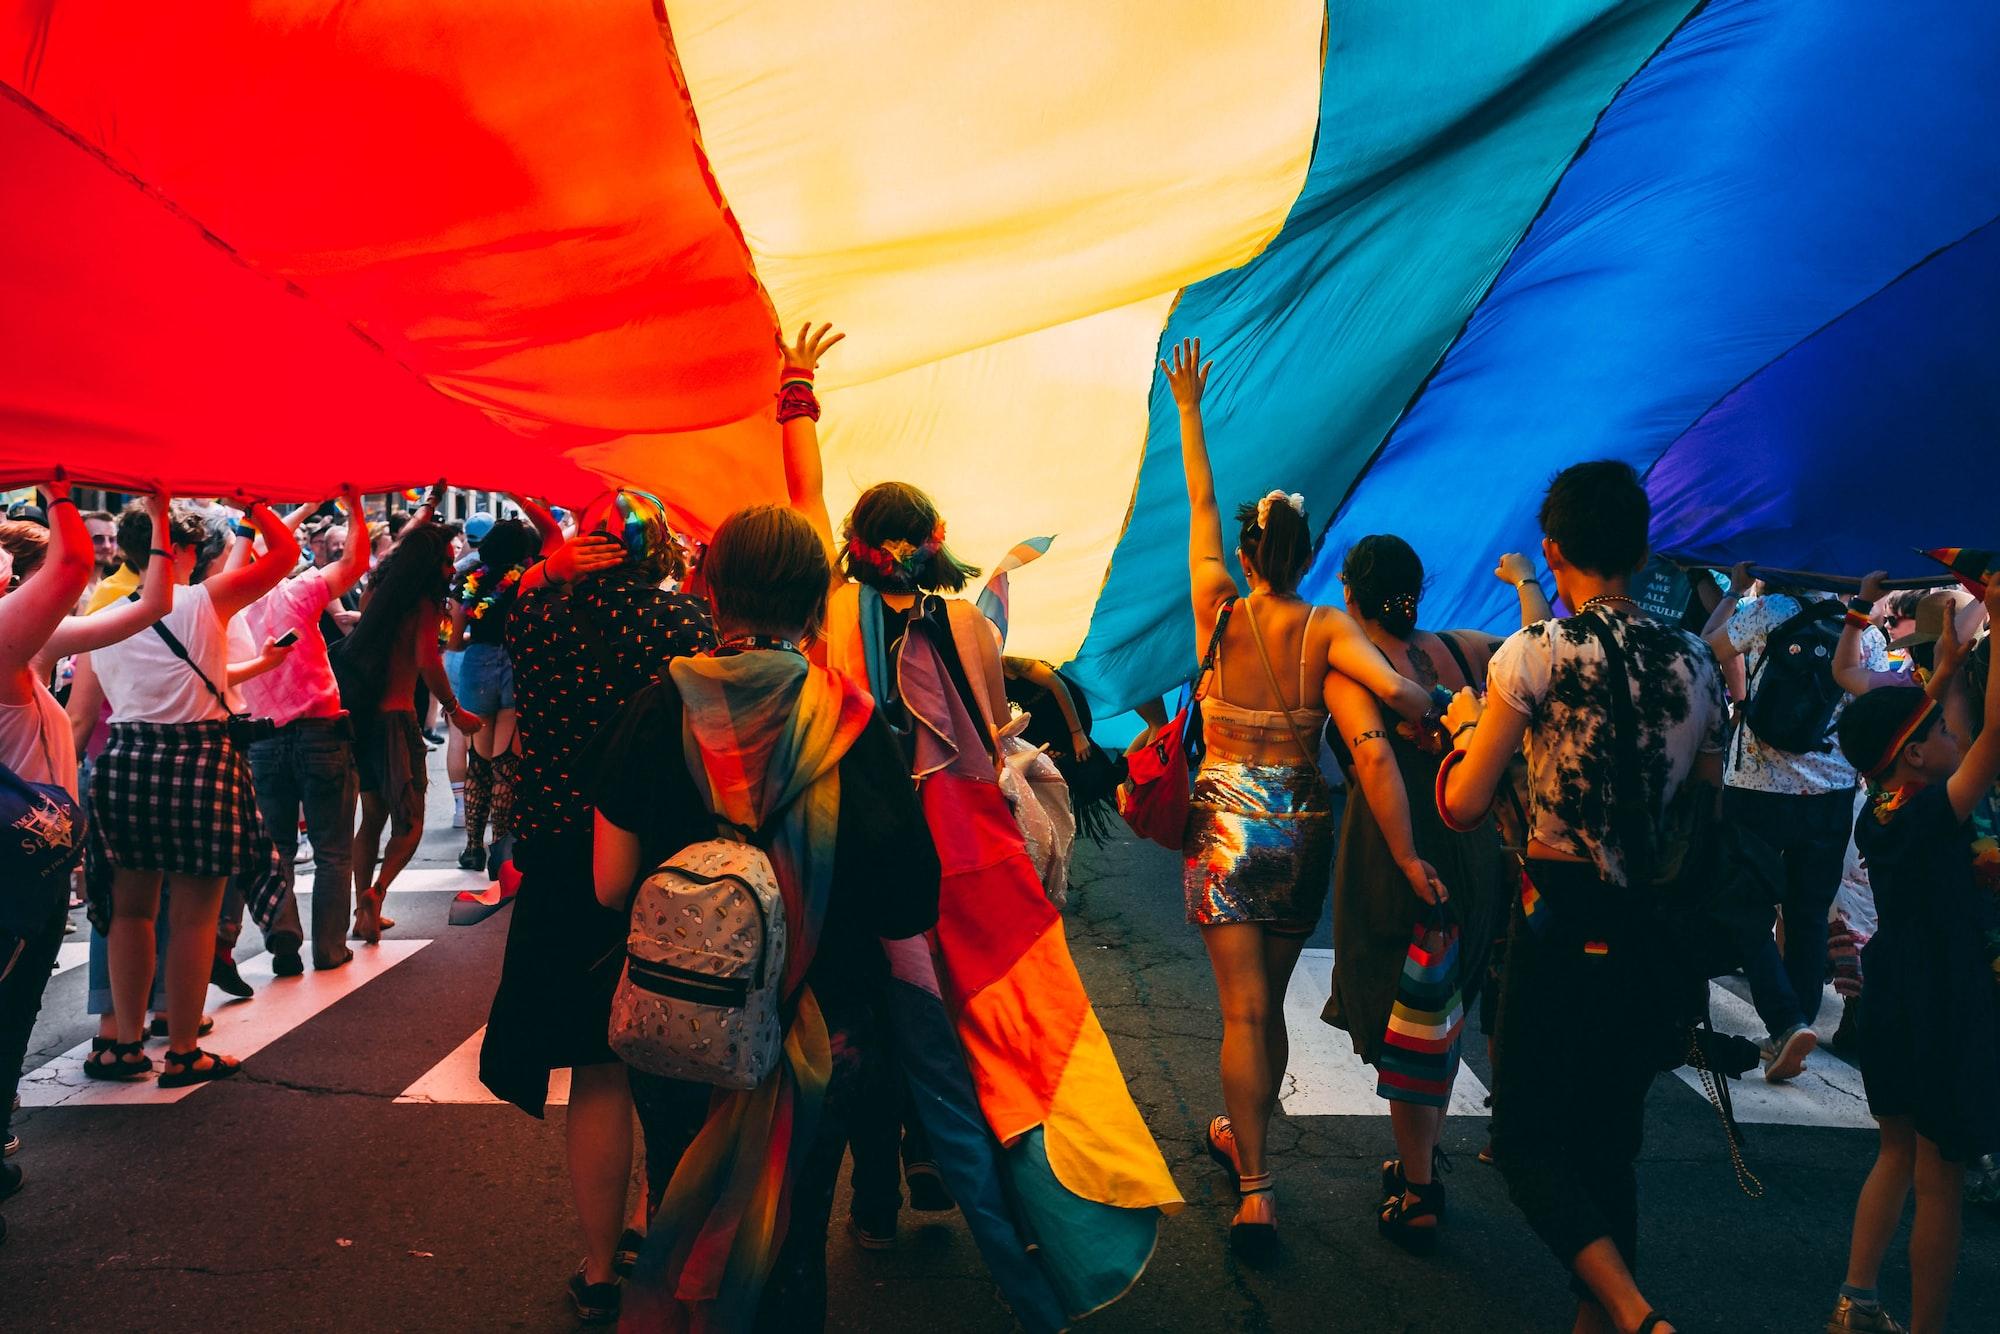 Las búsquedas en Pinterest reflejan que los usuarios quieren mostrar sus verdaderos colores en el mes del Orgullo